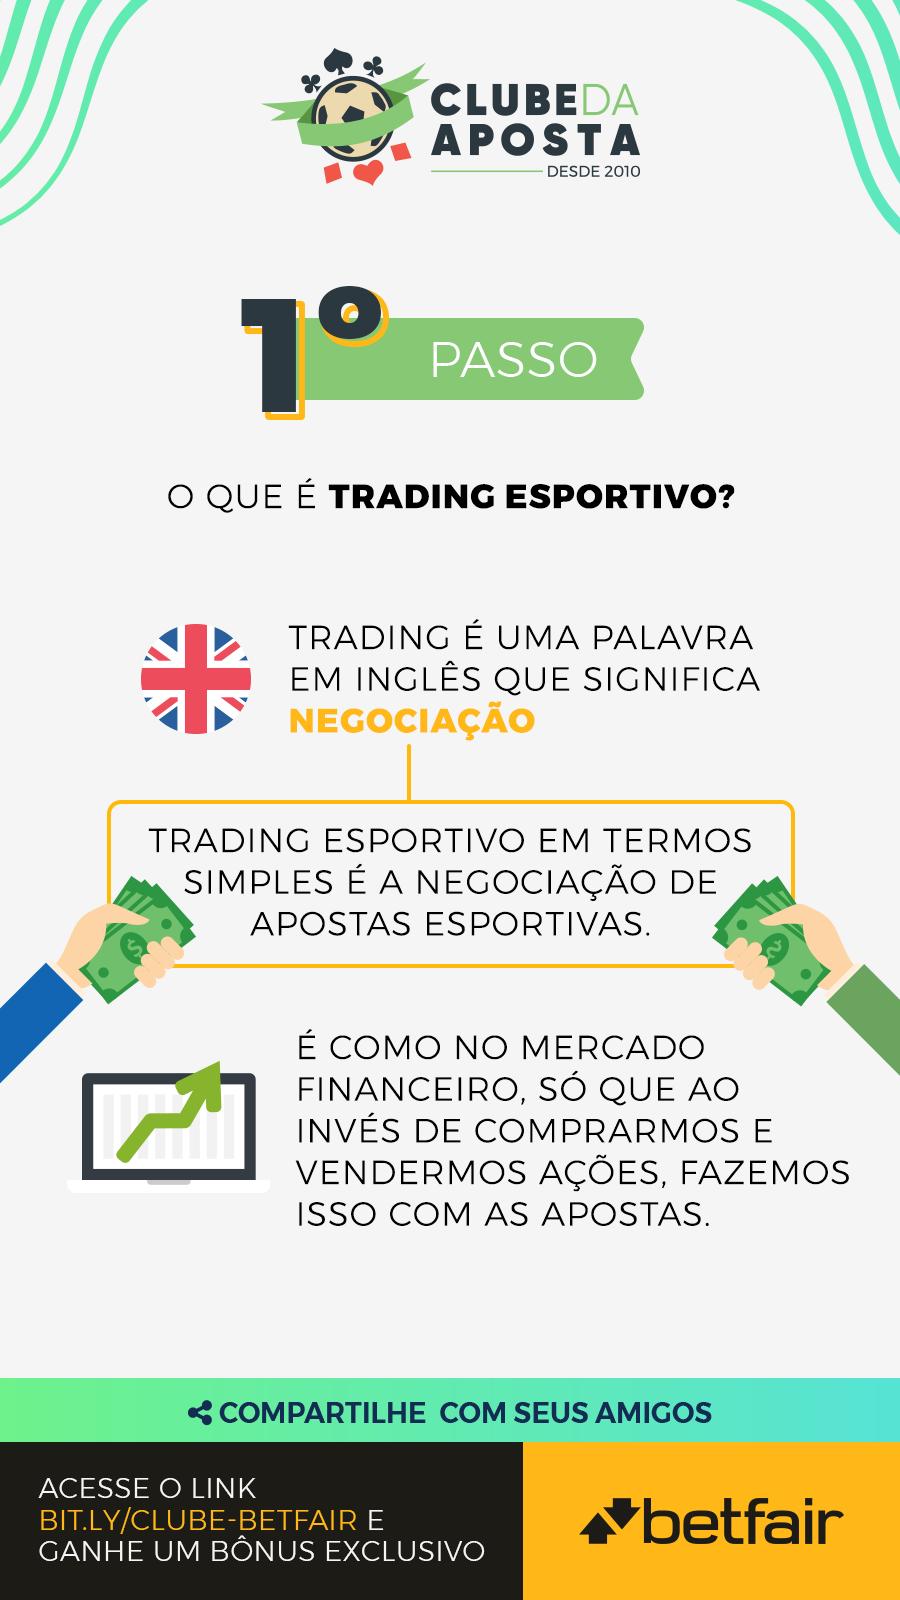 01-o-que-e-trading-esportivo